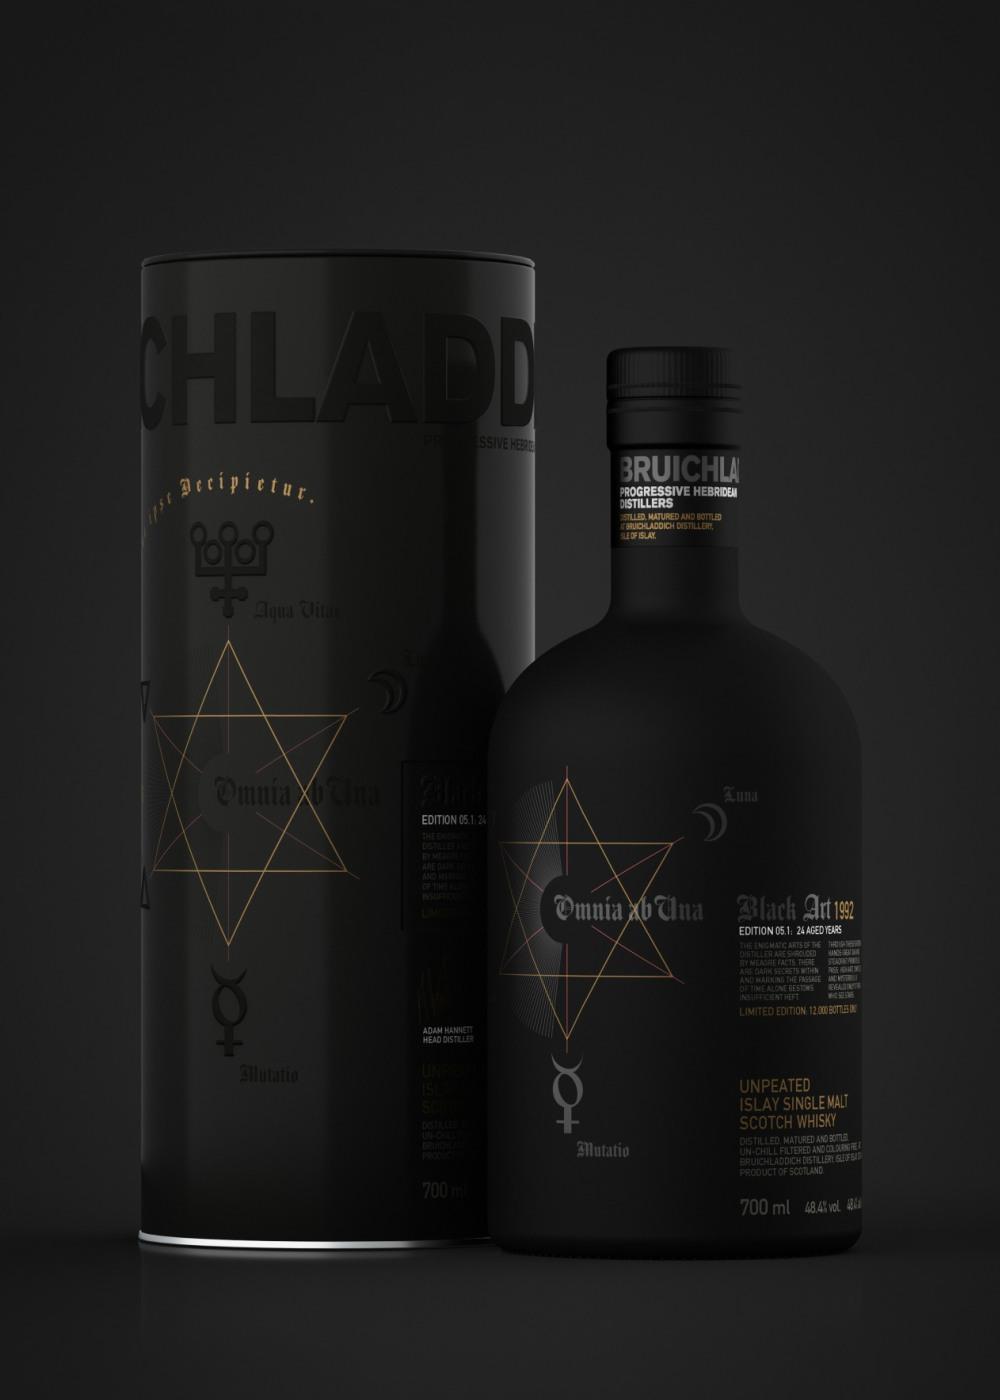 Bruichladdich Black Art 06.1 Scotch Whisky - Bruichladdich Black Art Edition 06.1:麦芽威士忌的神秘星图